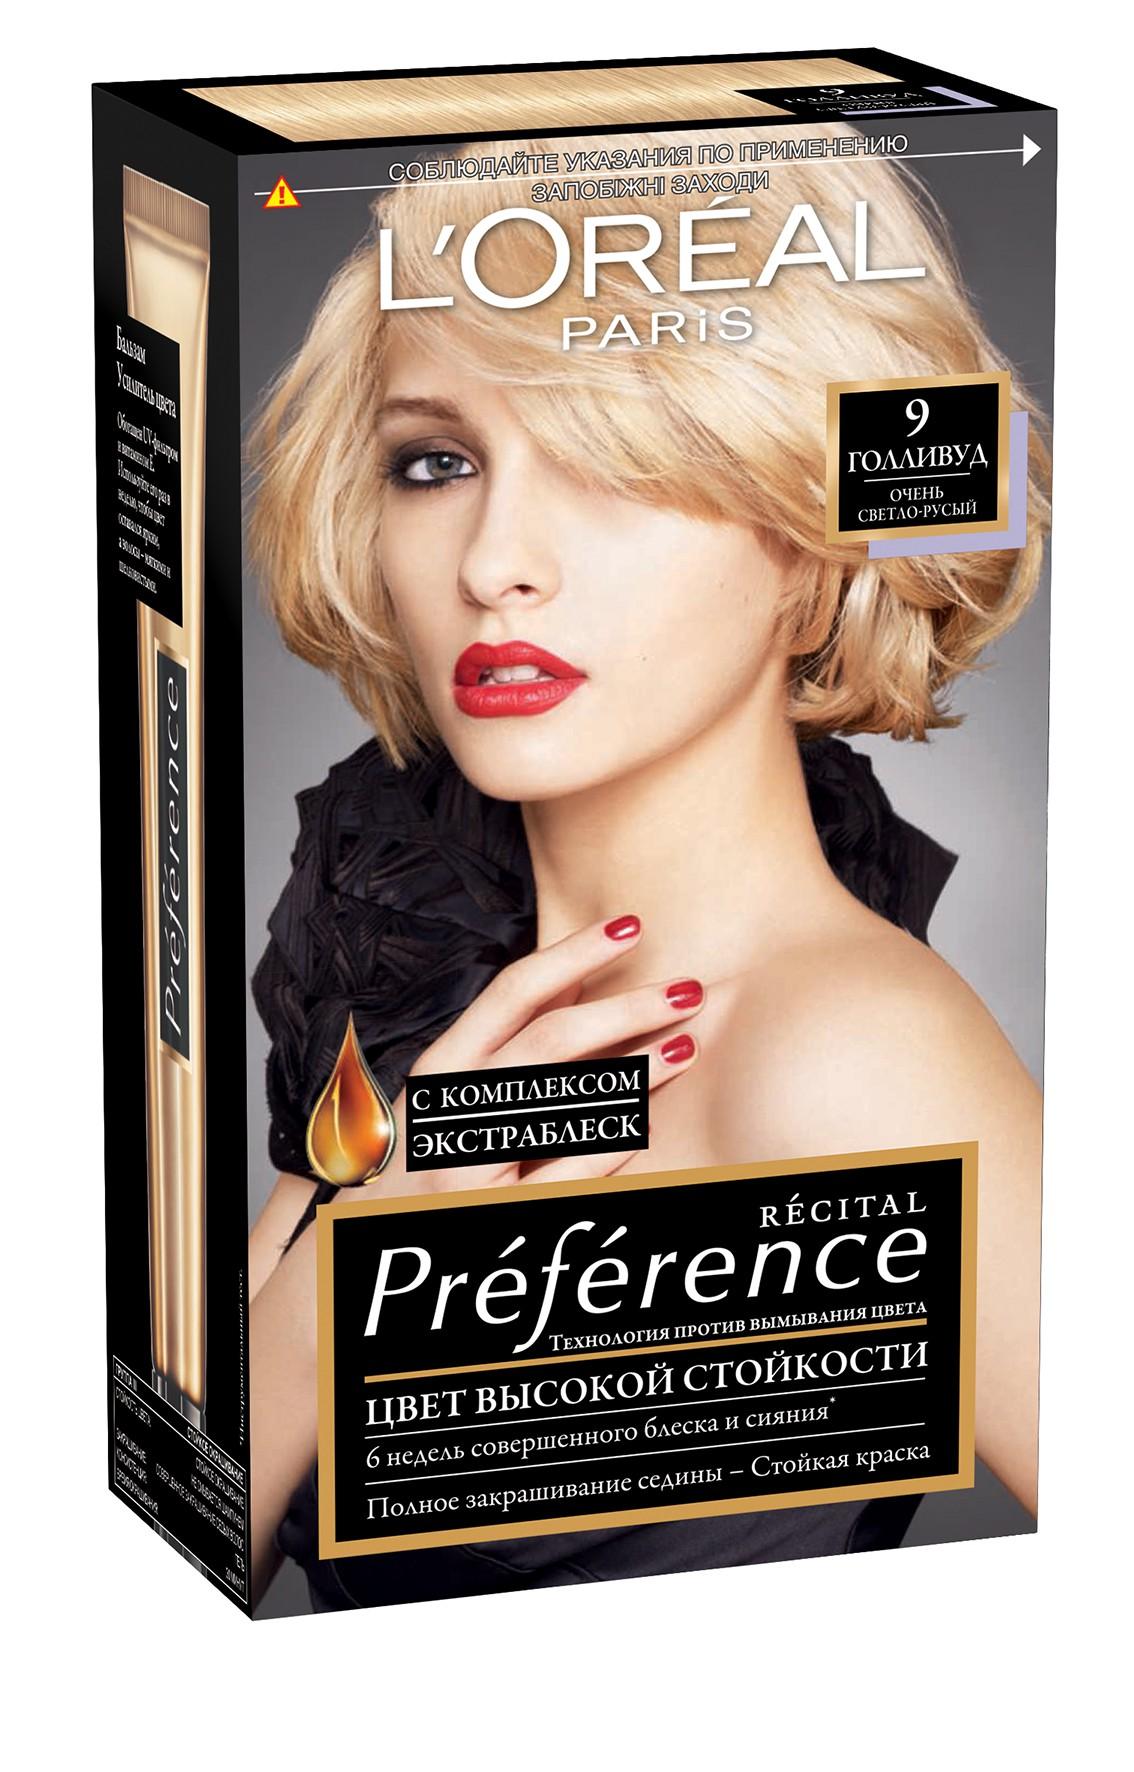 LOreal Paris Стойкая краска для волос Preference, оттенок 9, ГолливудA6211227Краска для волос Лореаль Париж Преферанс - премиальное качество окрашивания! Она создана ведущими экспертами лабораторий Лореаль Париж в сотрудничестве с профессиональным колористом Кристофом Робином. В результате исследований был разработан уникальный состав краски, основанный на более объемных красящих пигментах. Стойкая краска способна дольше удерживаться в структуре волос, создавая неповторимый яркий цвет, устойчивый к вымыванию и возникновению тусклости. Комплекс Экстраблеск добавит блеска насыщенному цвету волос. Красивые шелковые волосы с насыщенным цветом на протяжении 8 недель после окрашивания!В состав упаковки входит: флакон гель-краски (60 мл), флакон-аппликатор с проявляющим кремом (60 мл), бальзам Усилитель цвета (54 мл), инструкция, пара перчаток.1. Стойкий сияющий цвет 2. Делает волосы мягкими и шелковистыми 3. Полное закрашивание седины